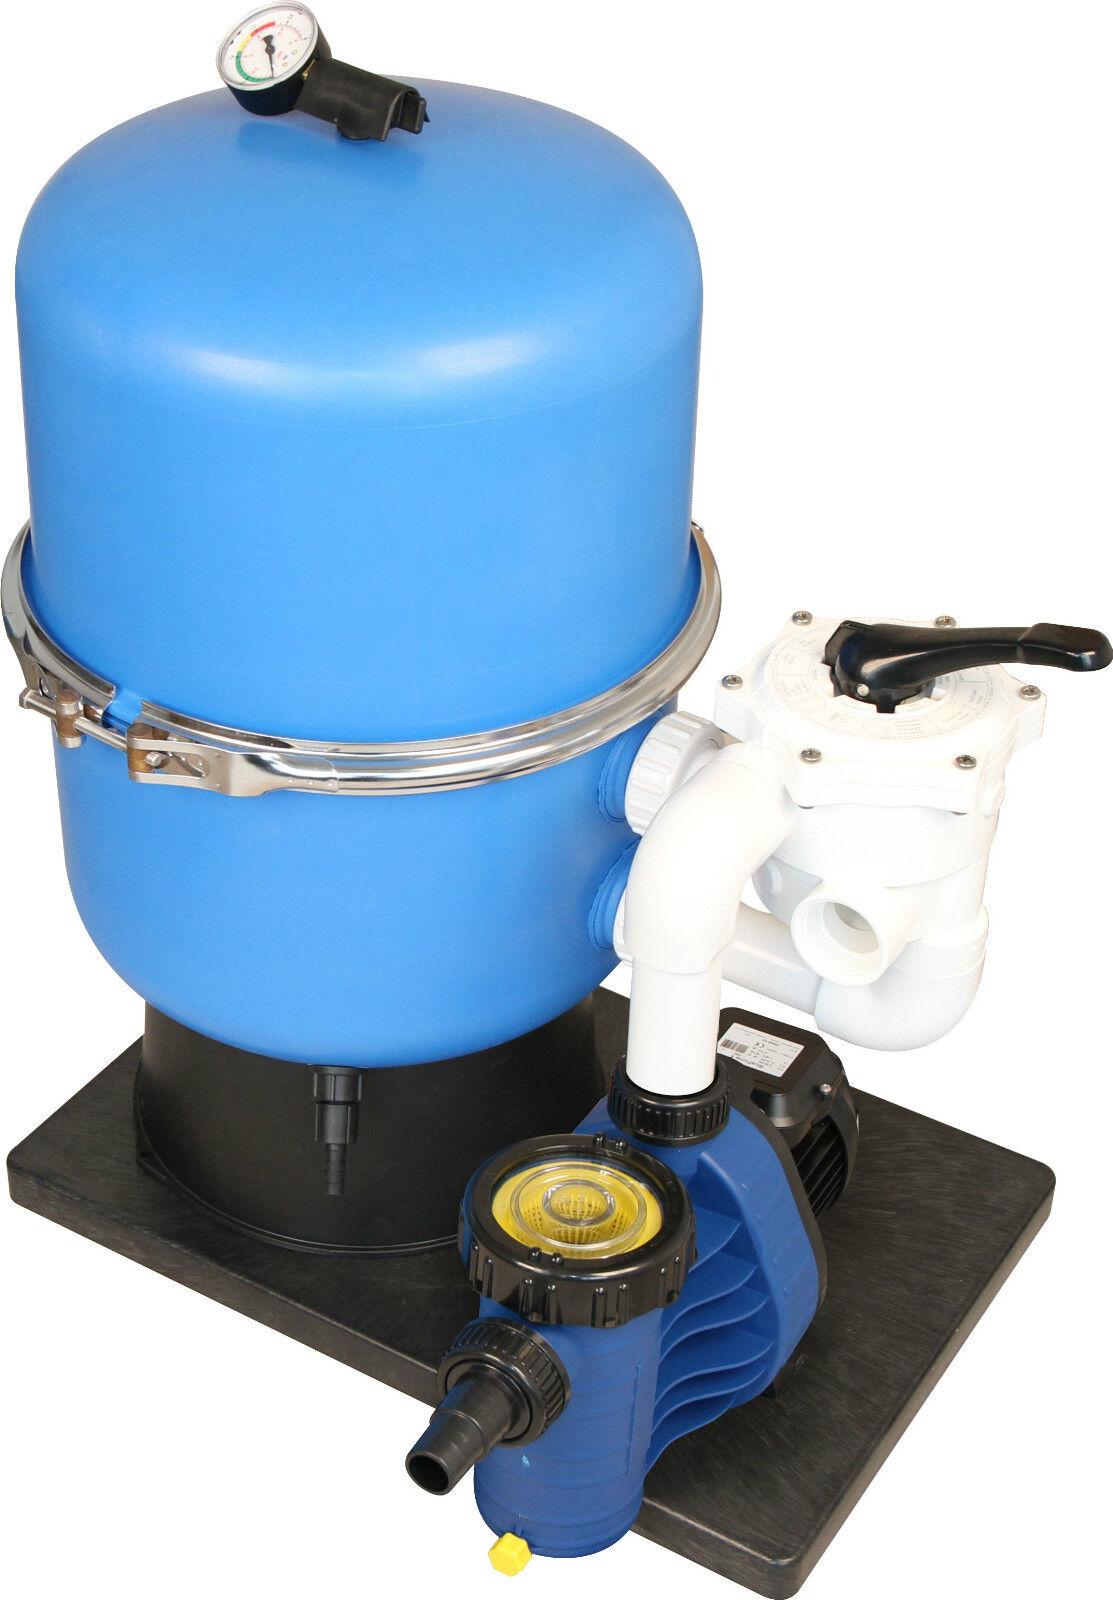 Sandfilteranlage Zirkel Side 400mm mit 6 Wege Paher Ventil und Blau Pump